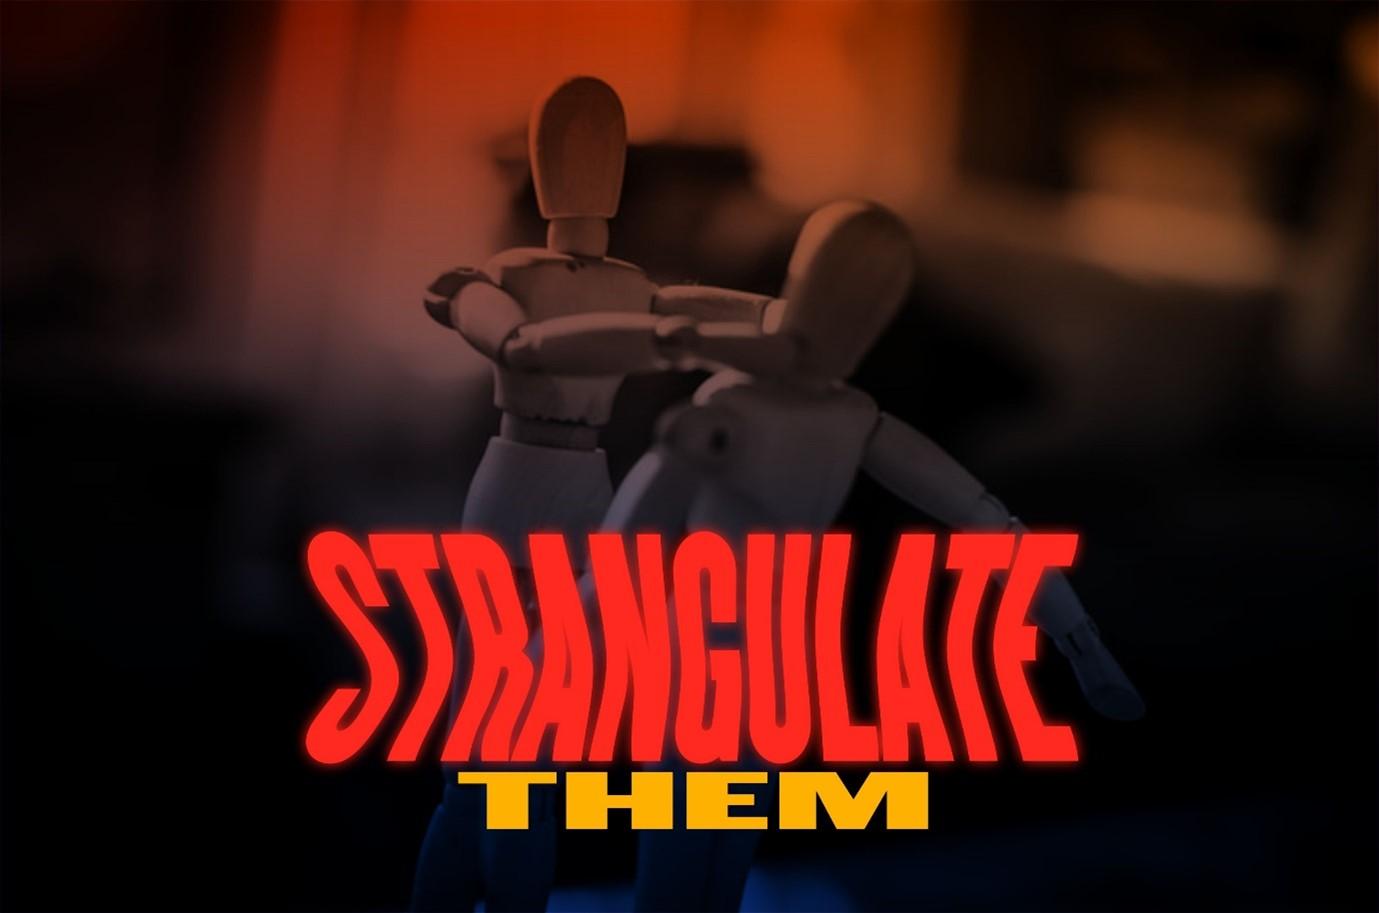 Strangulate them.